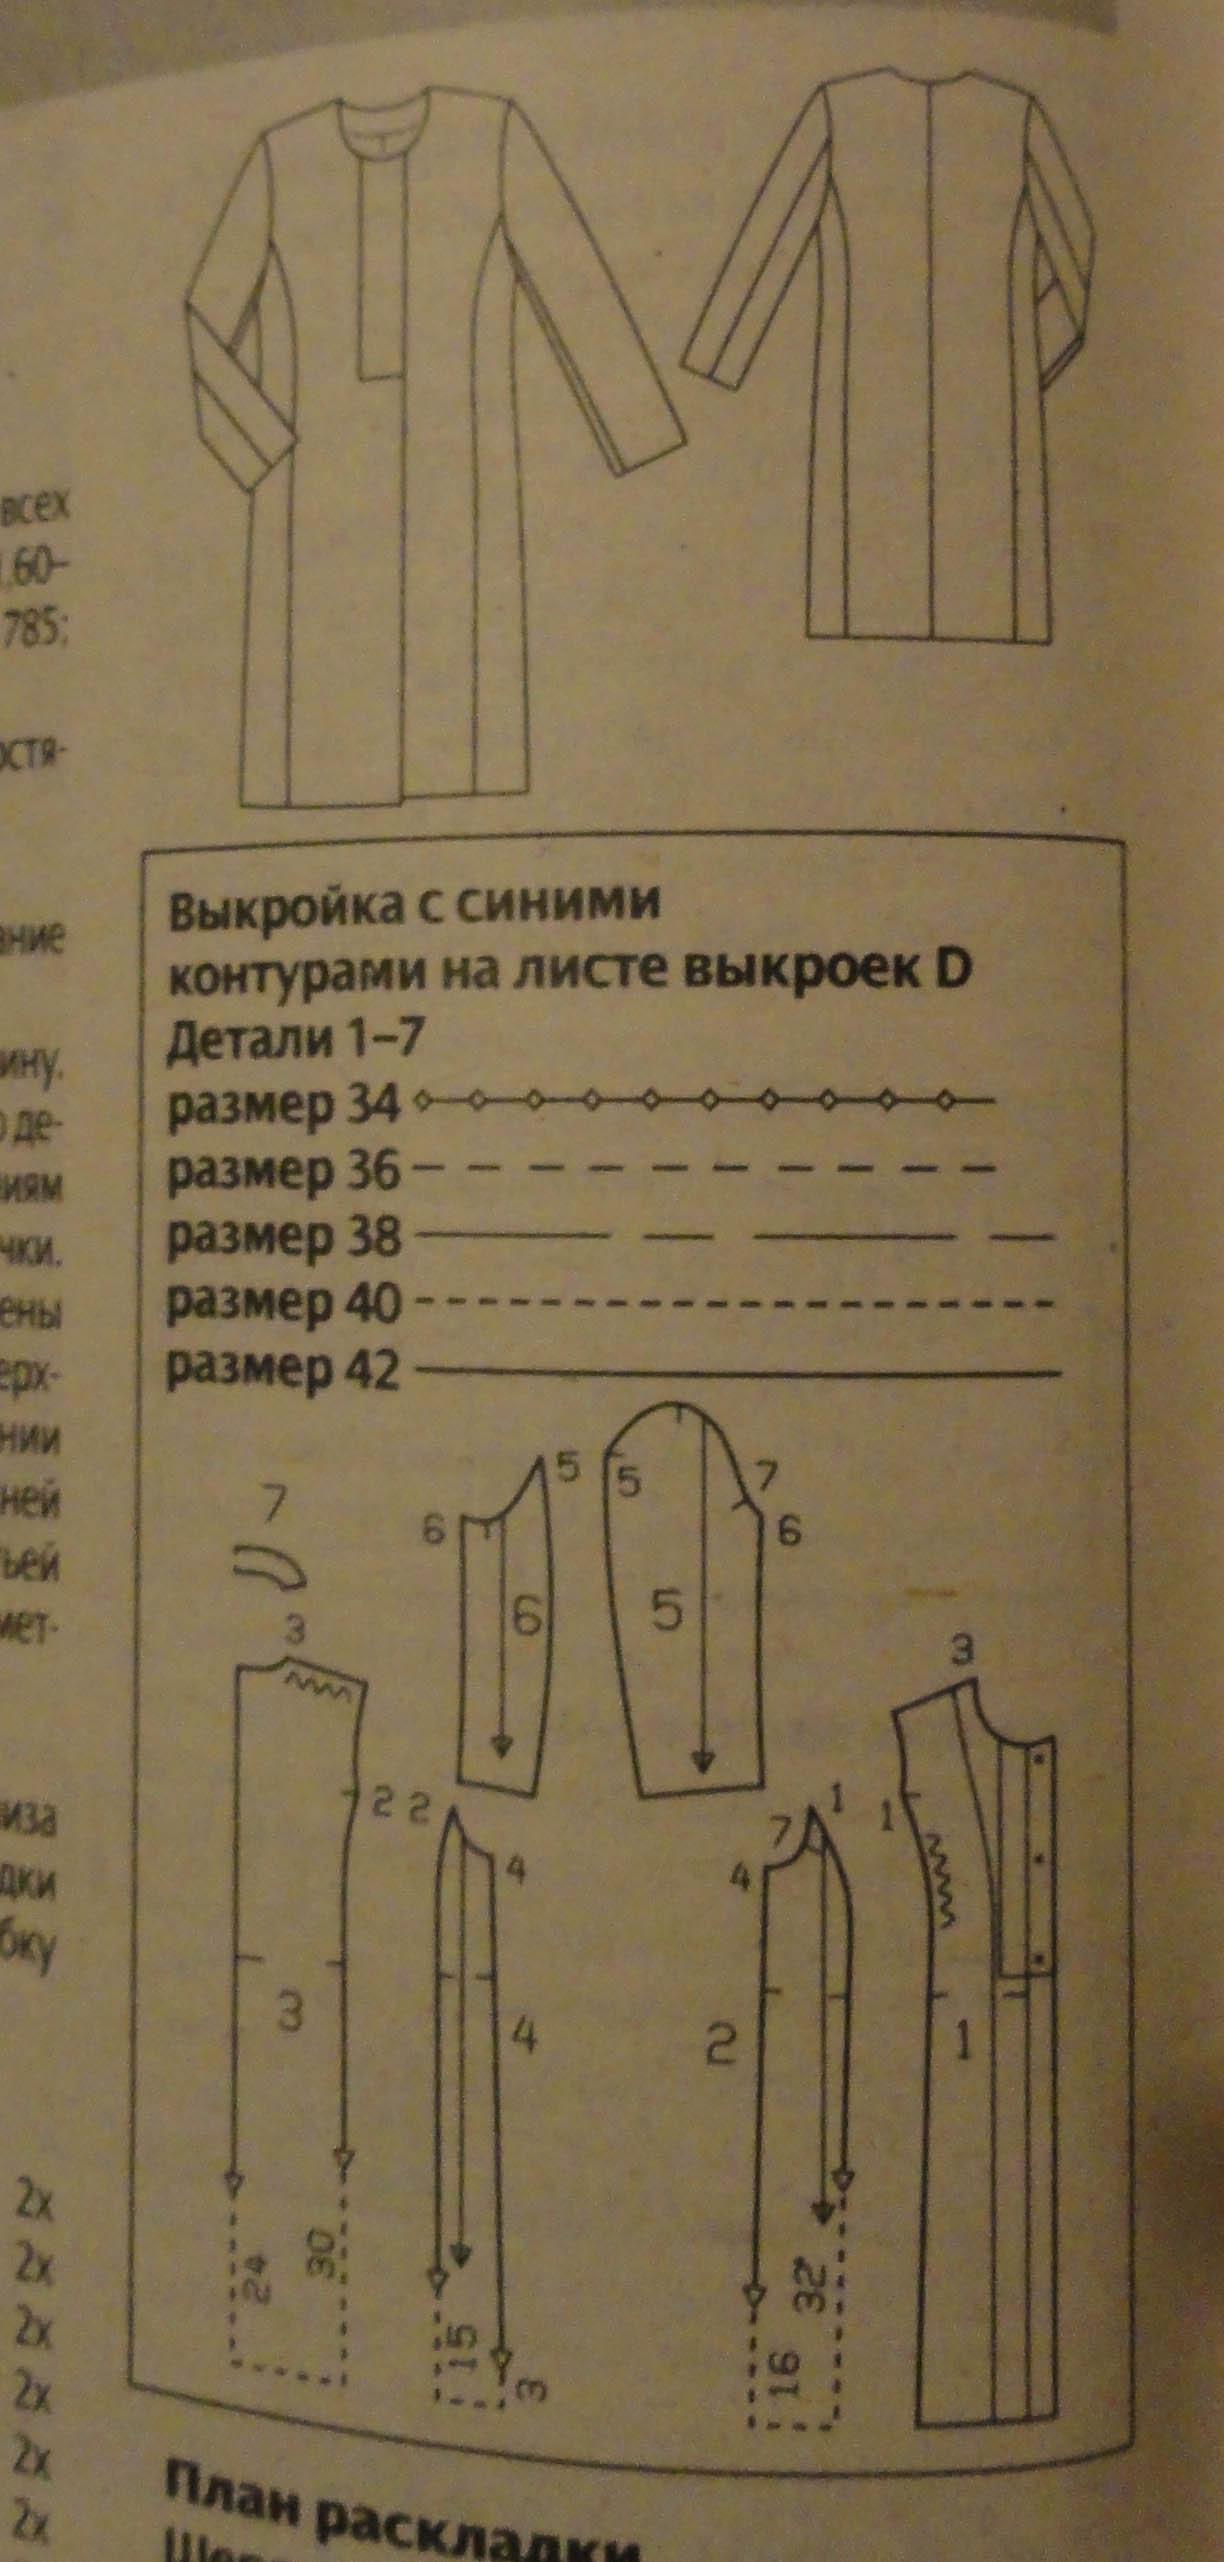 Выкройки пальто демисезонного